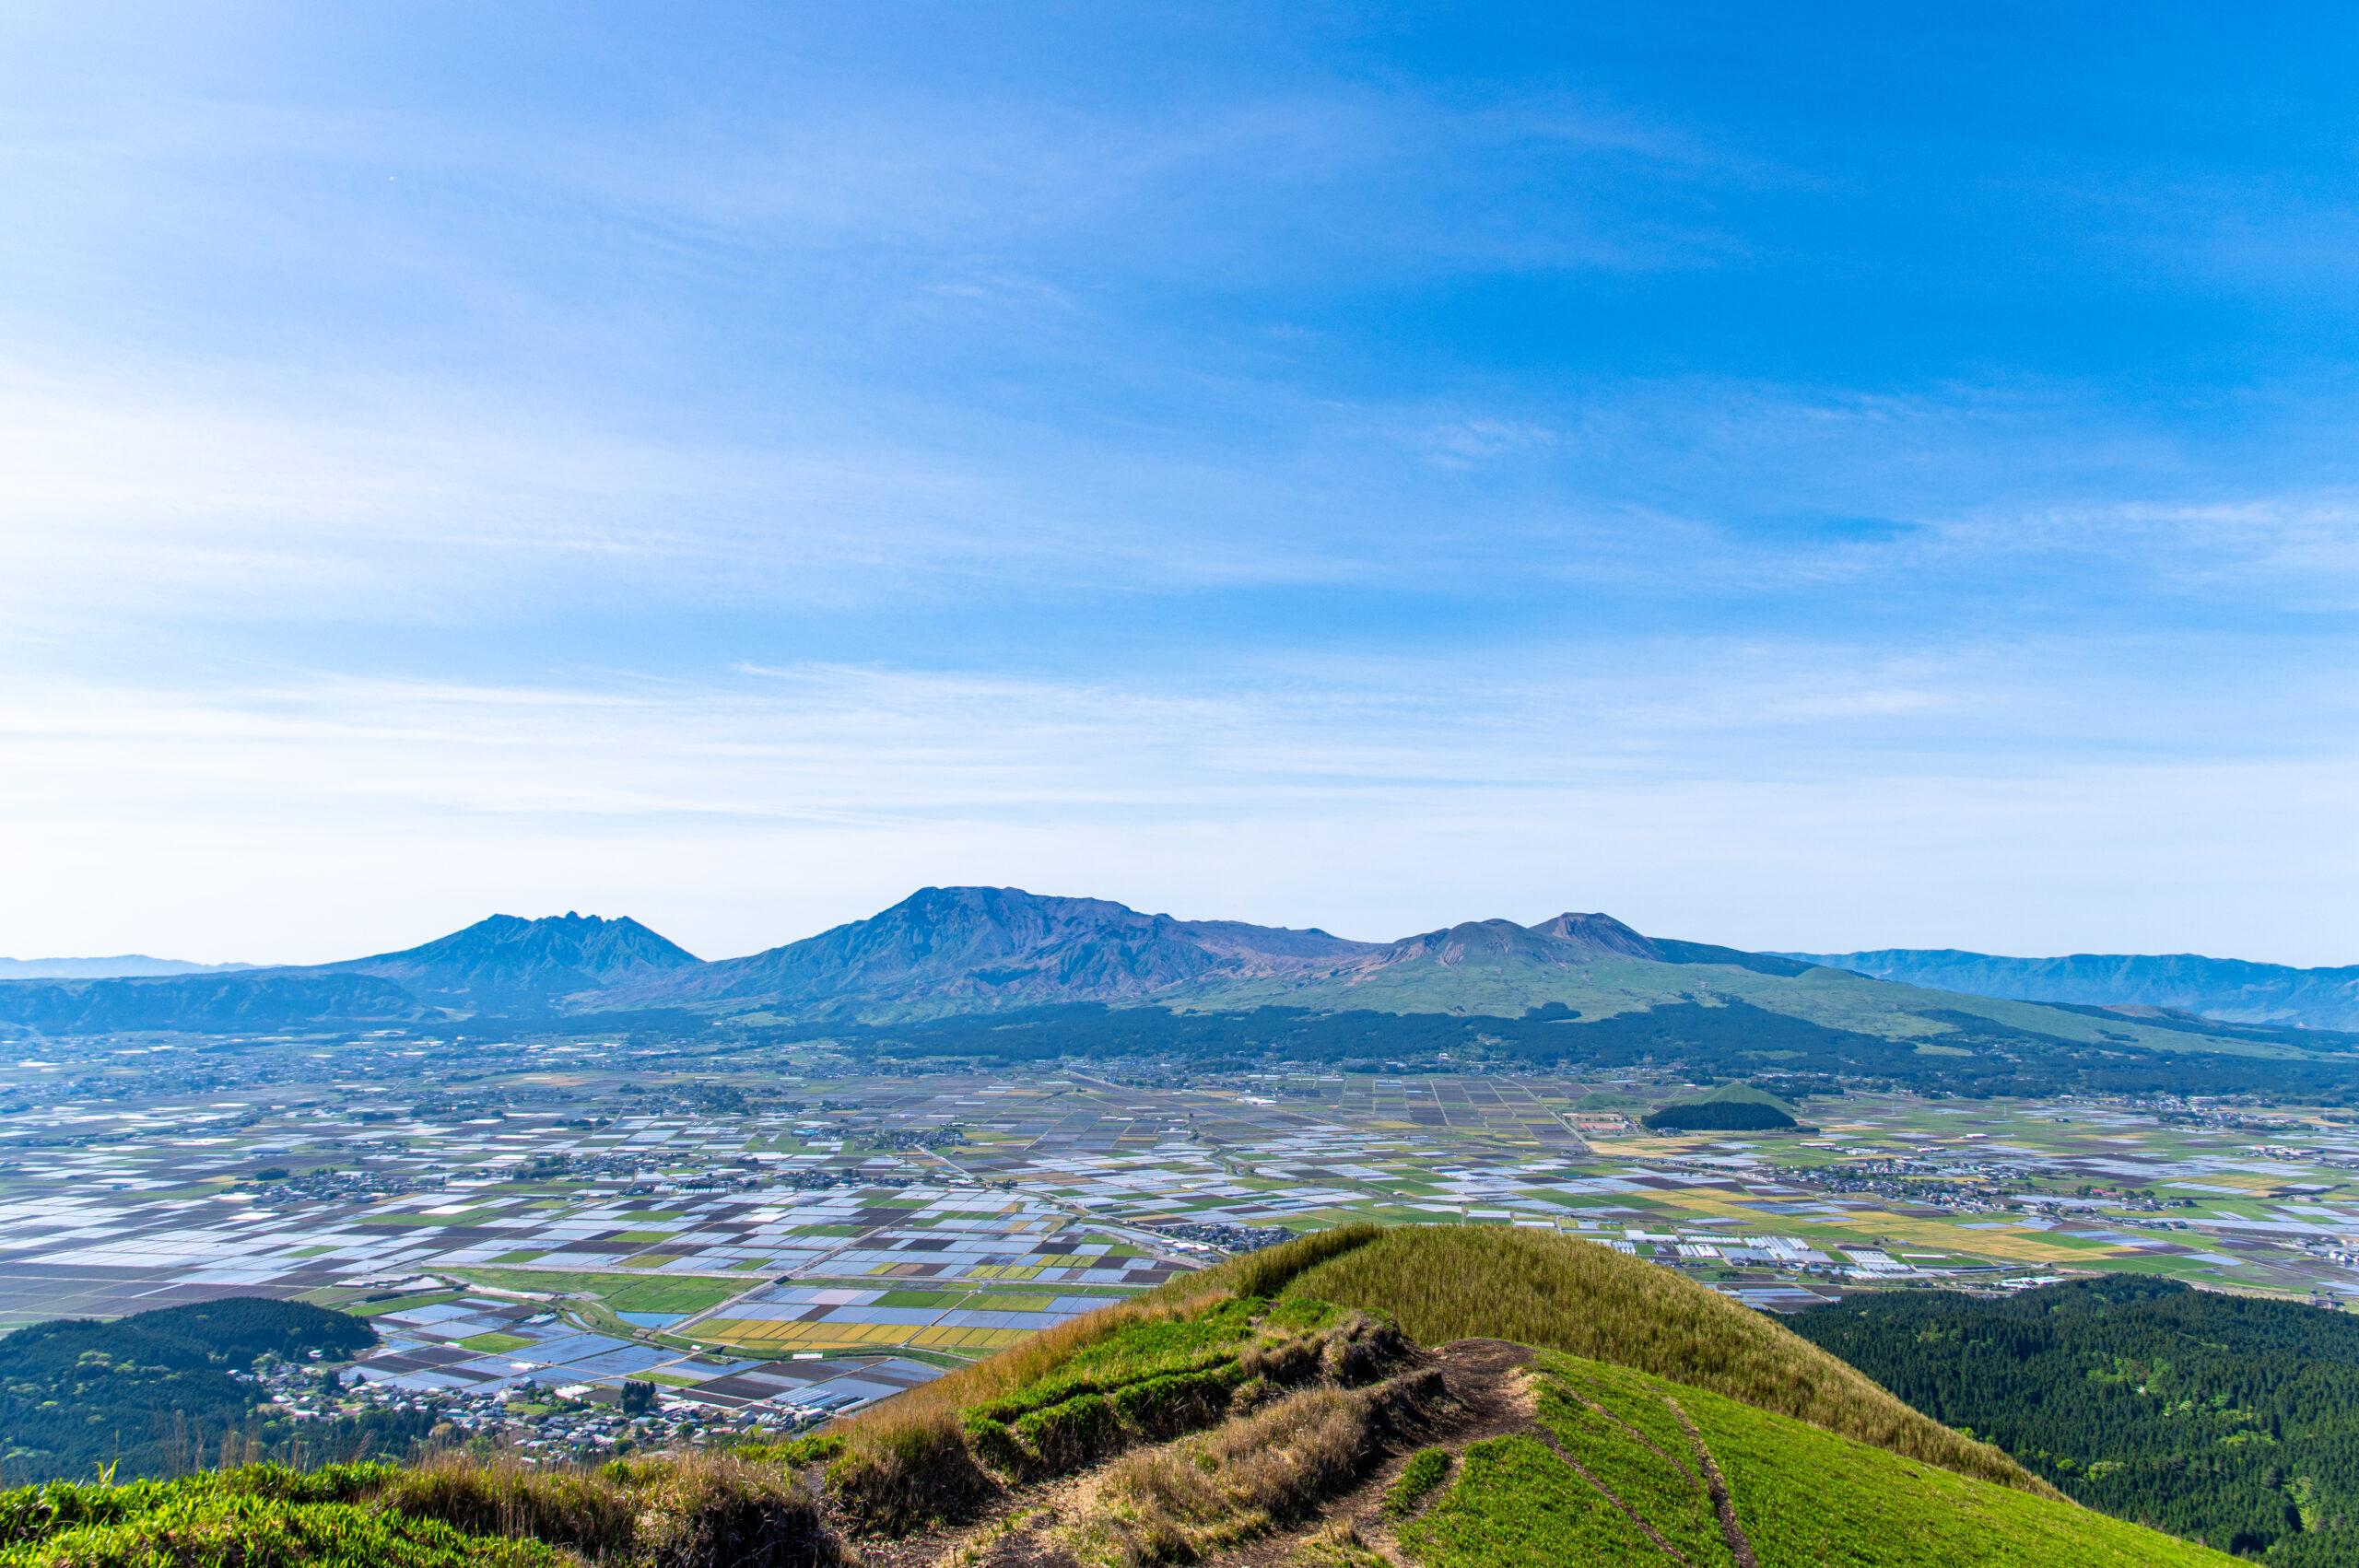 阿蘇山の全貌や町並みを一望出来てしまう贅沢な展望台。熊本県の大観峰への行き方。